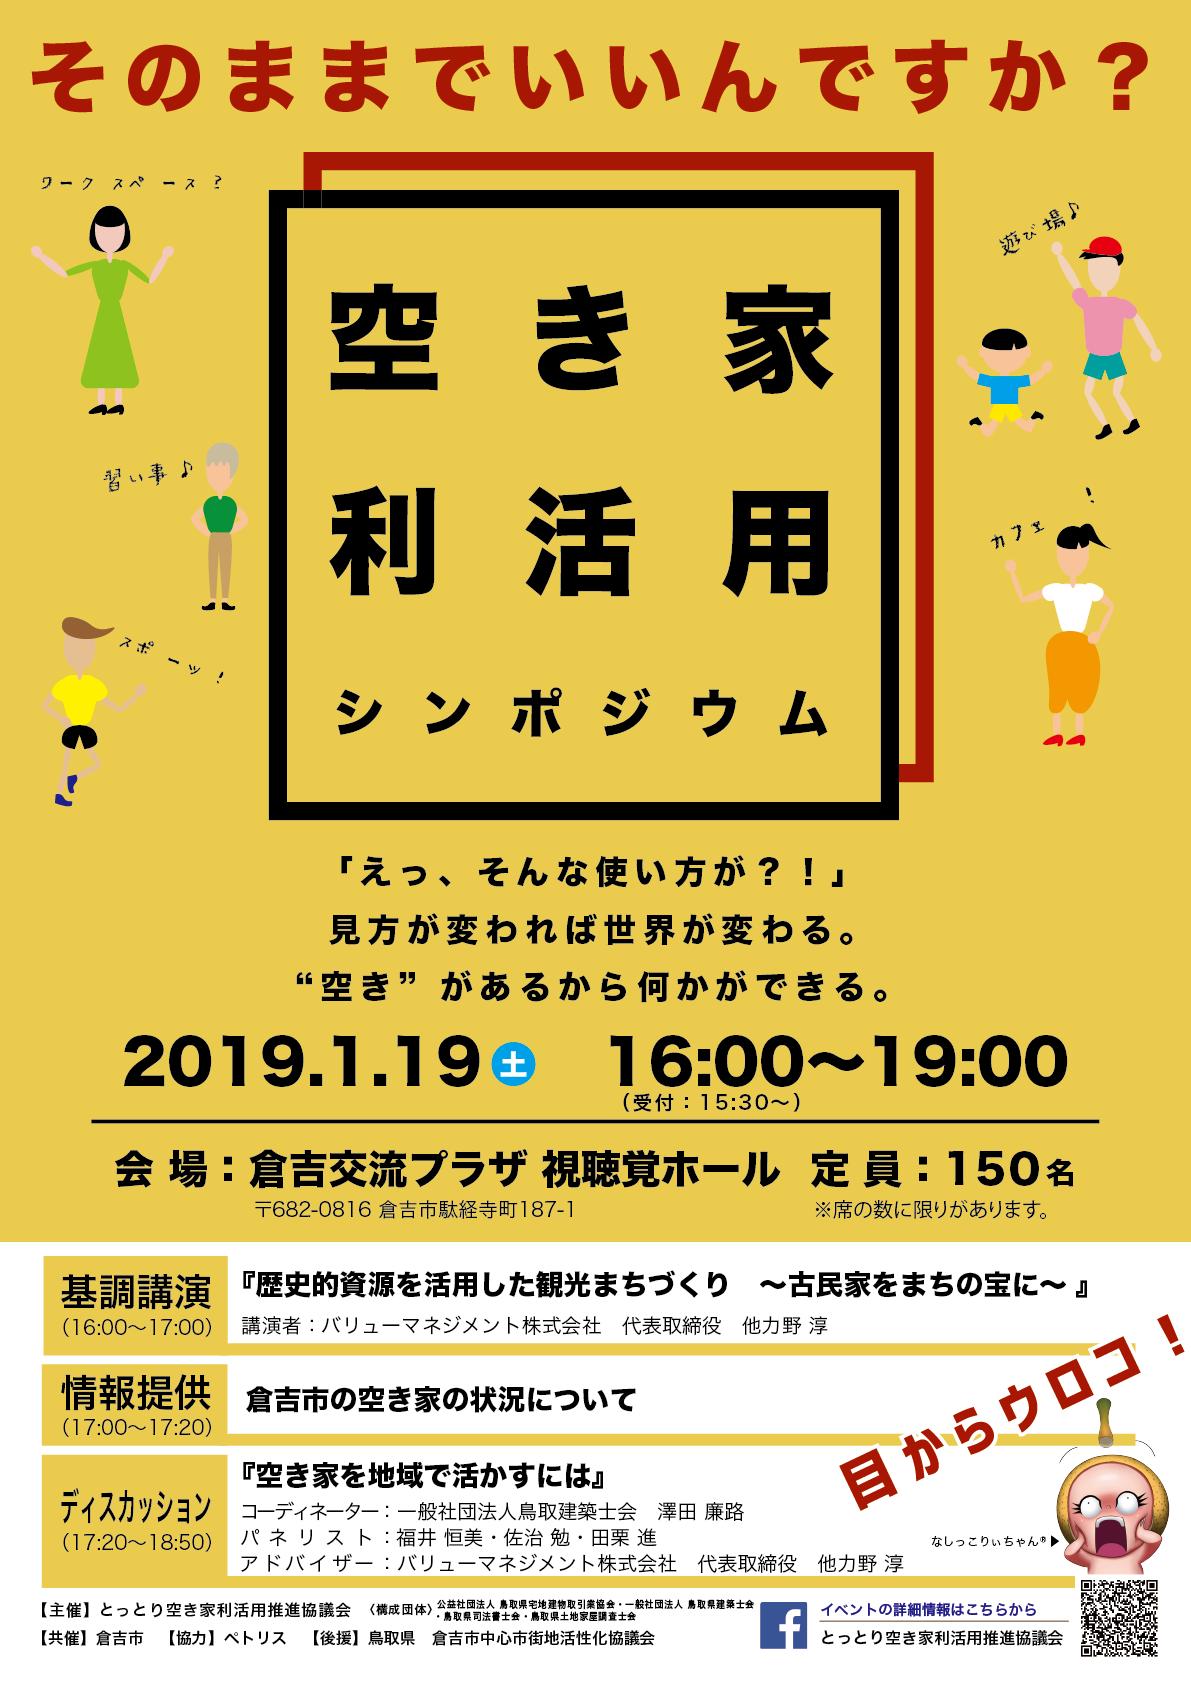 【ペトリスデザイン】空き家利活用シンポジウム